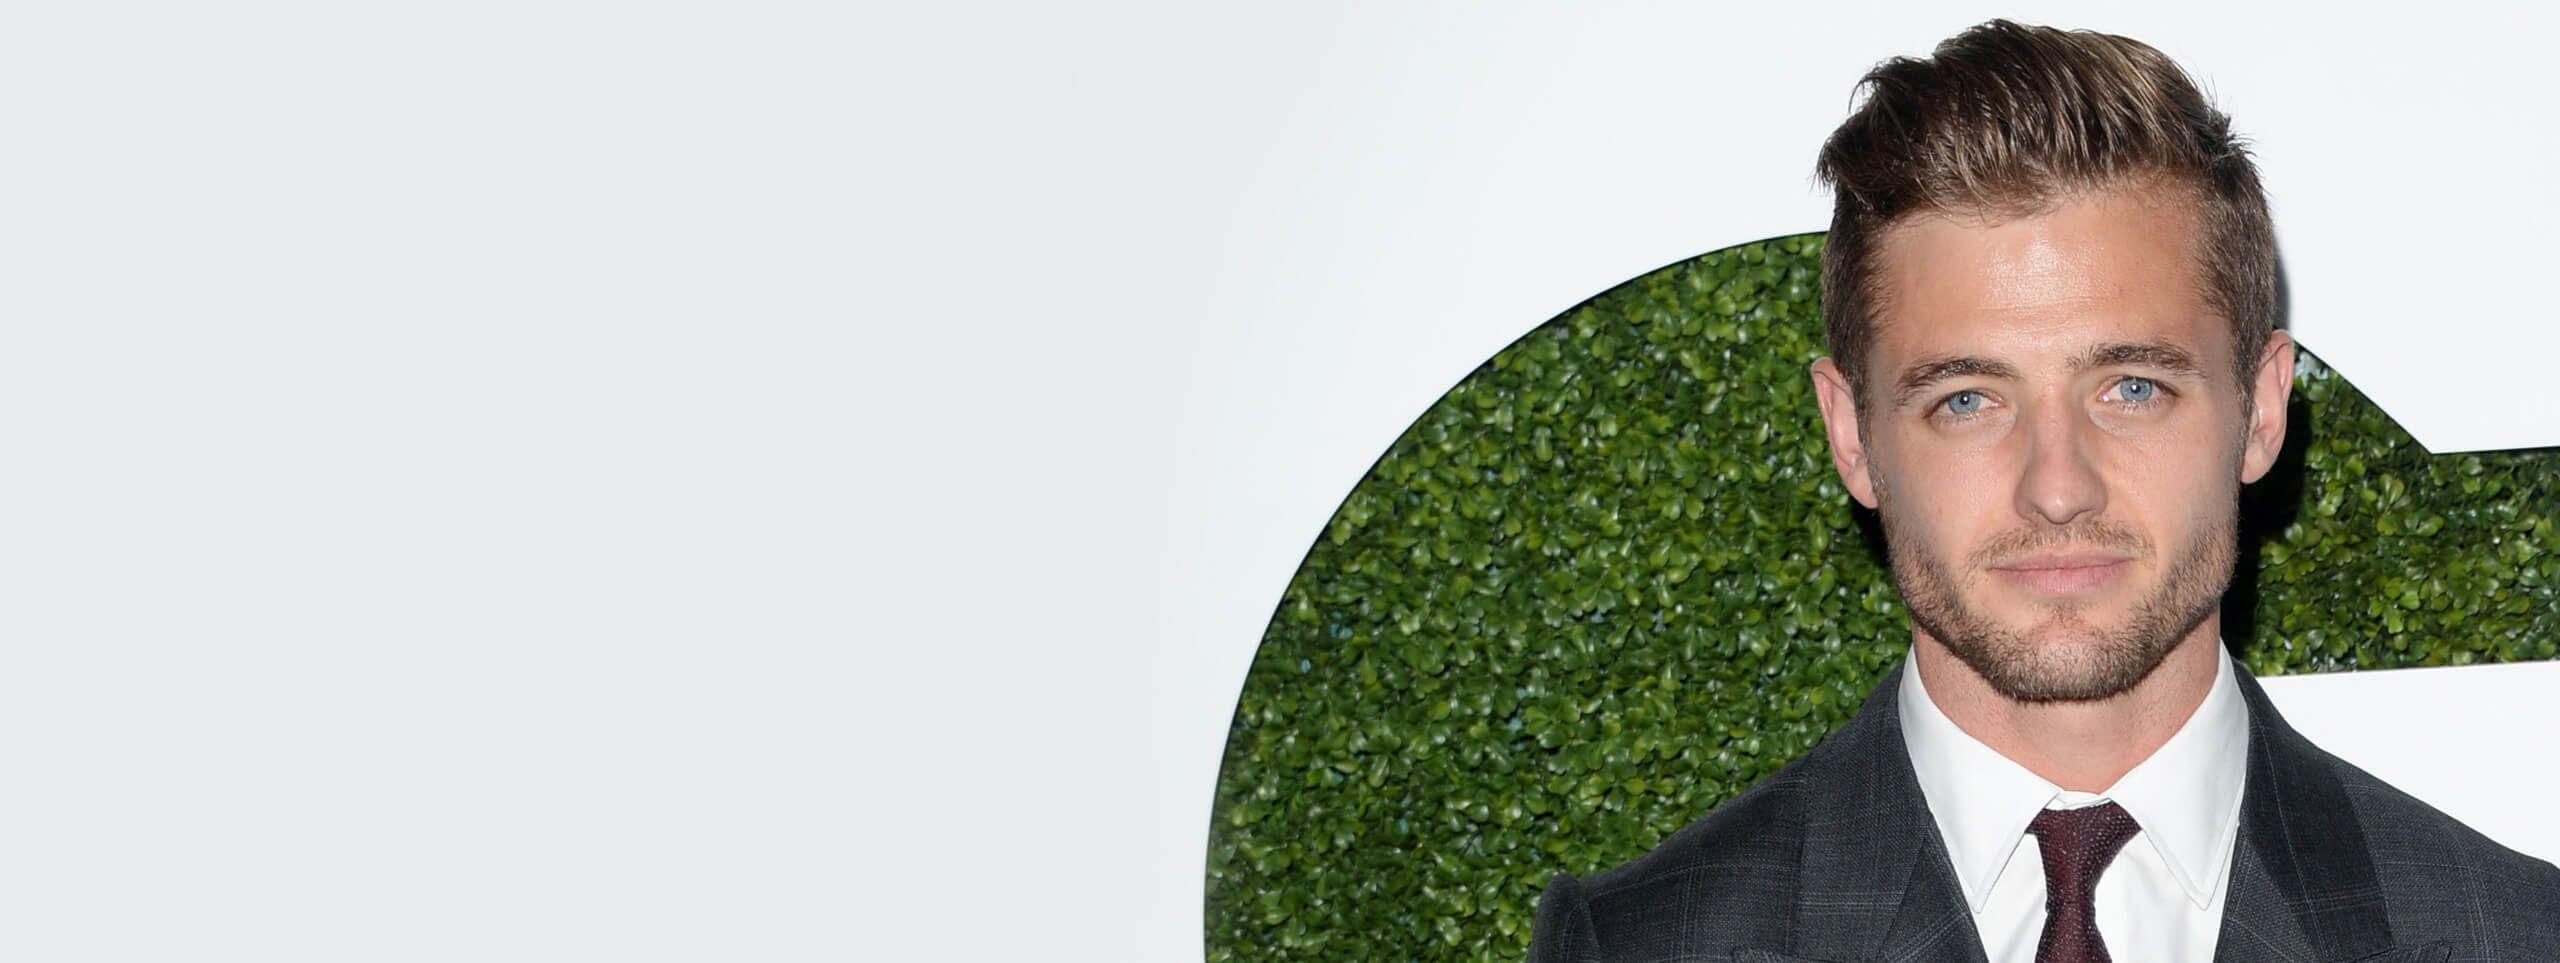 Capelli eleganti da uomo: Robbie Rogers con taglio corto curato